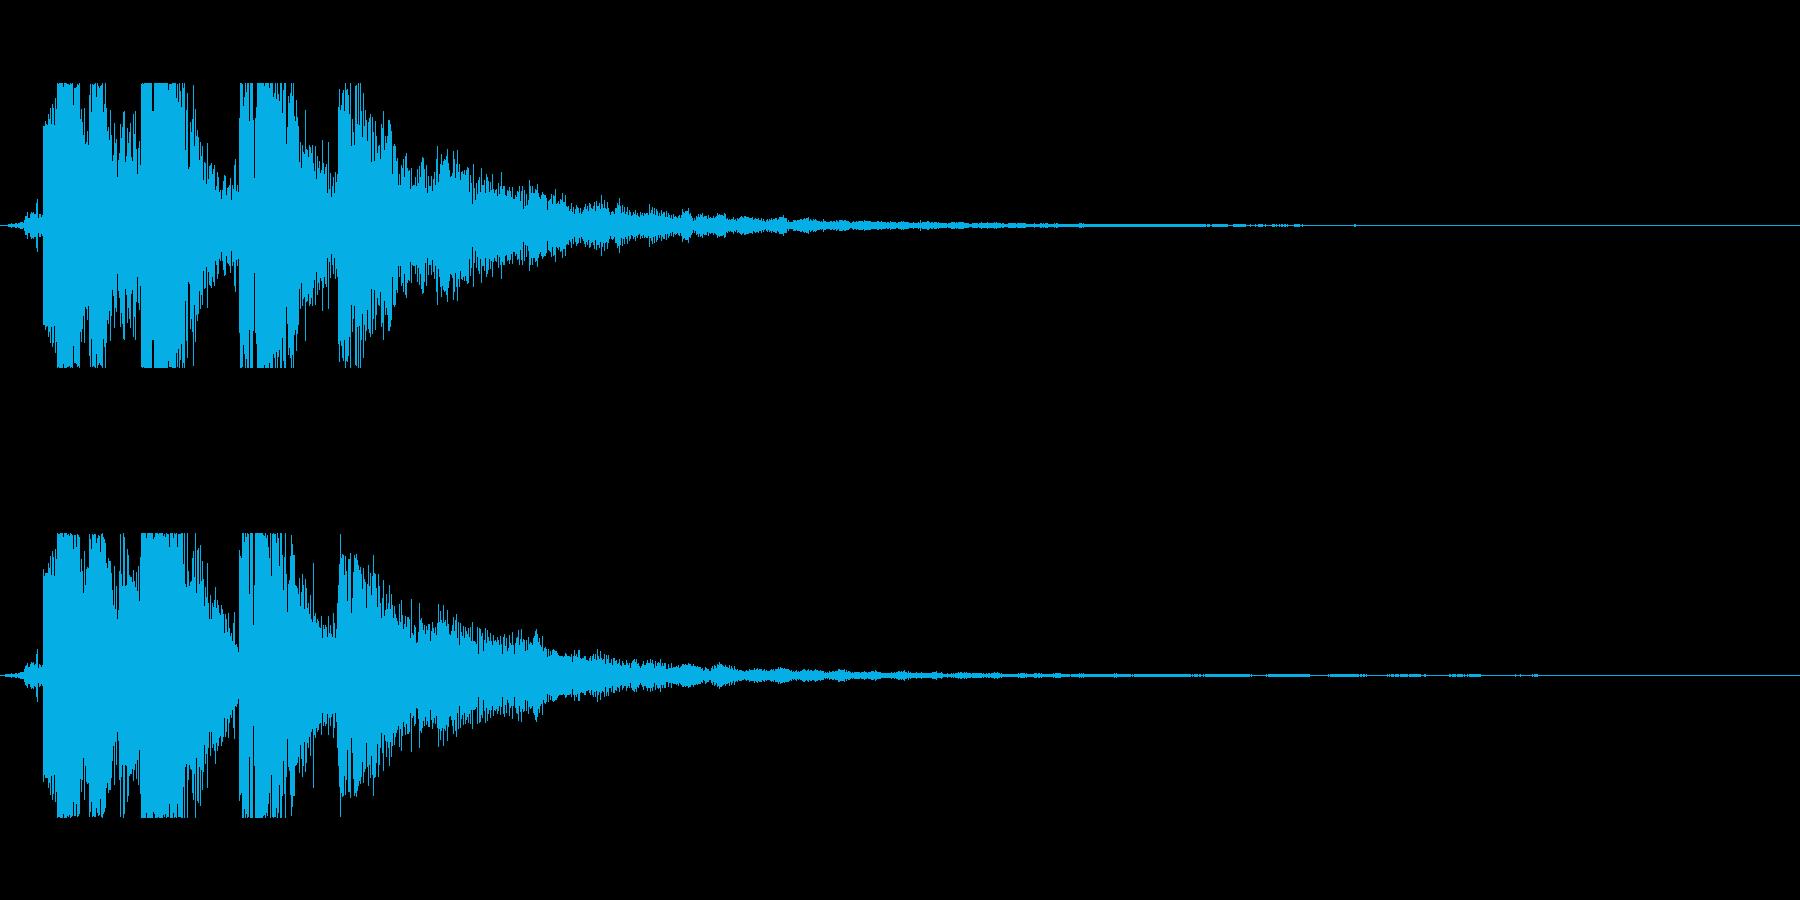 SF感のあるアイキャッチの再生済みの波形